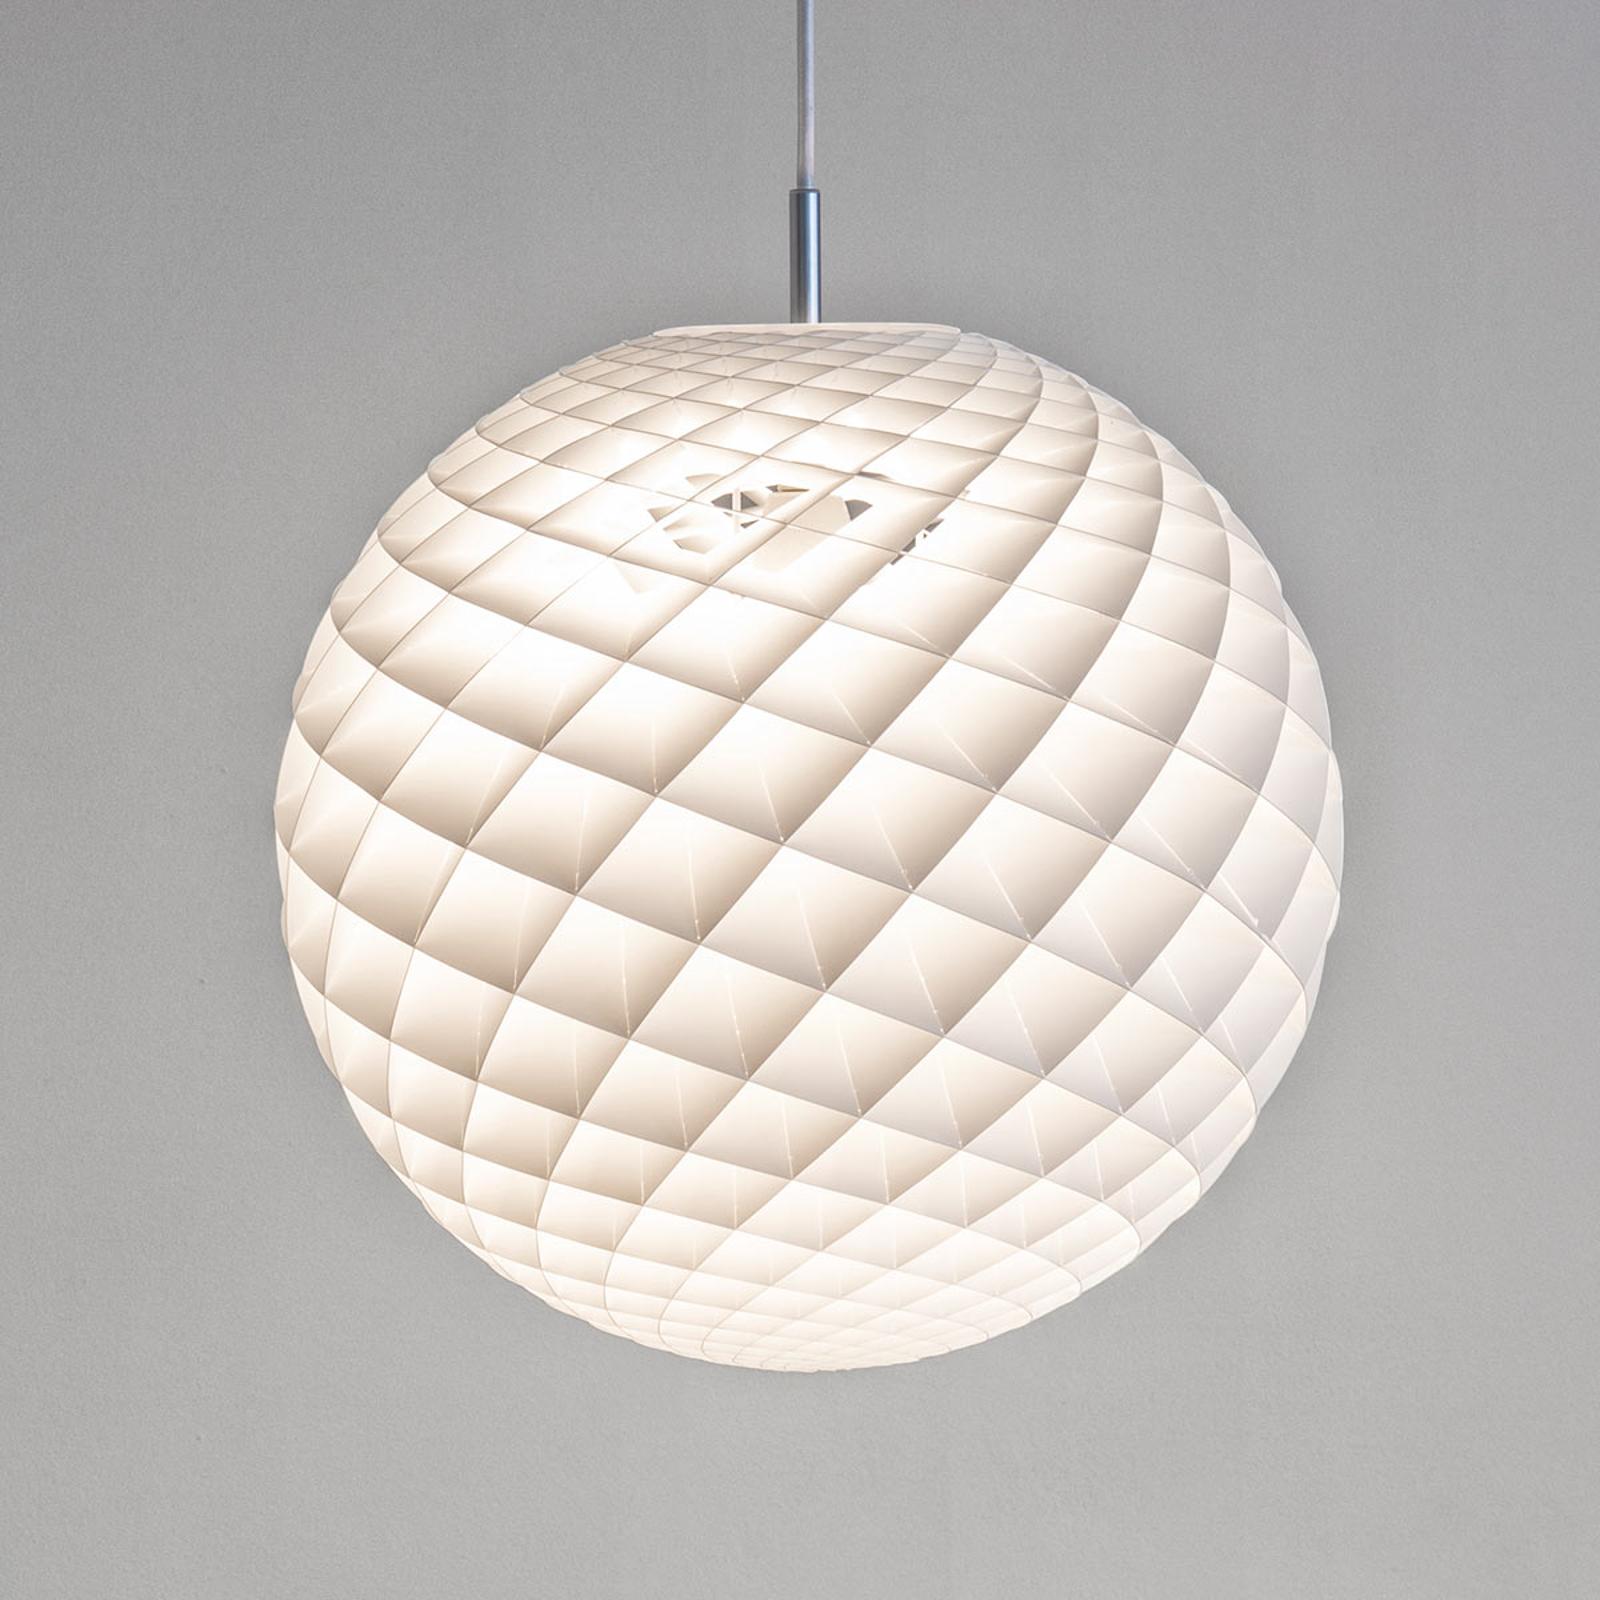 Aantrekkelijke hanglamp Patera, 45 cm